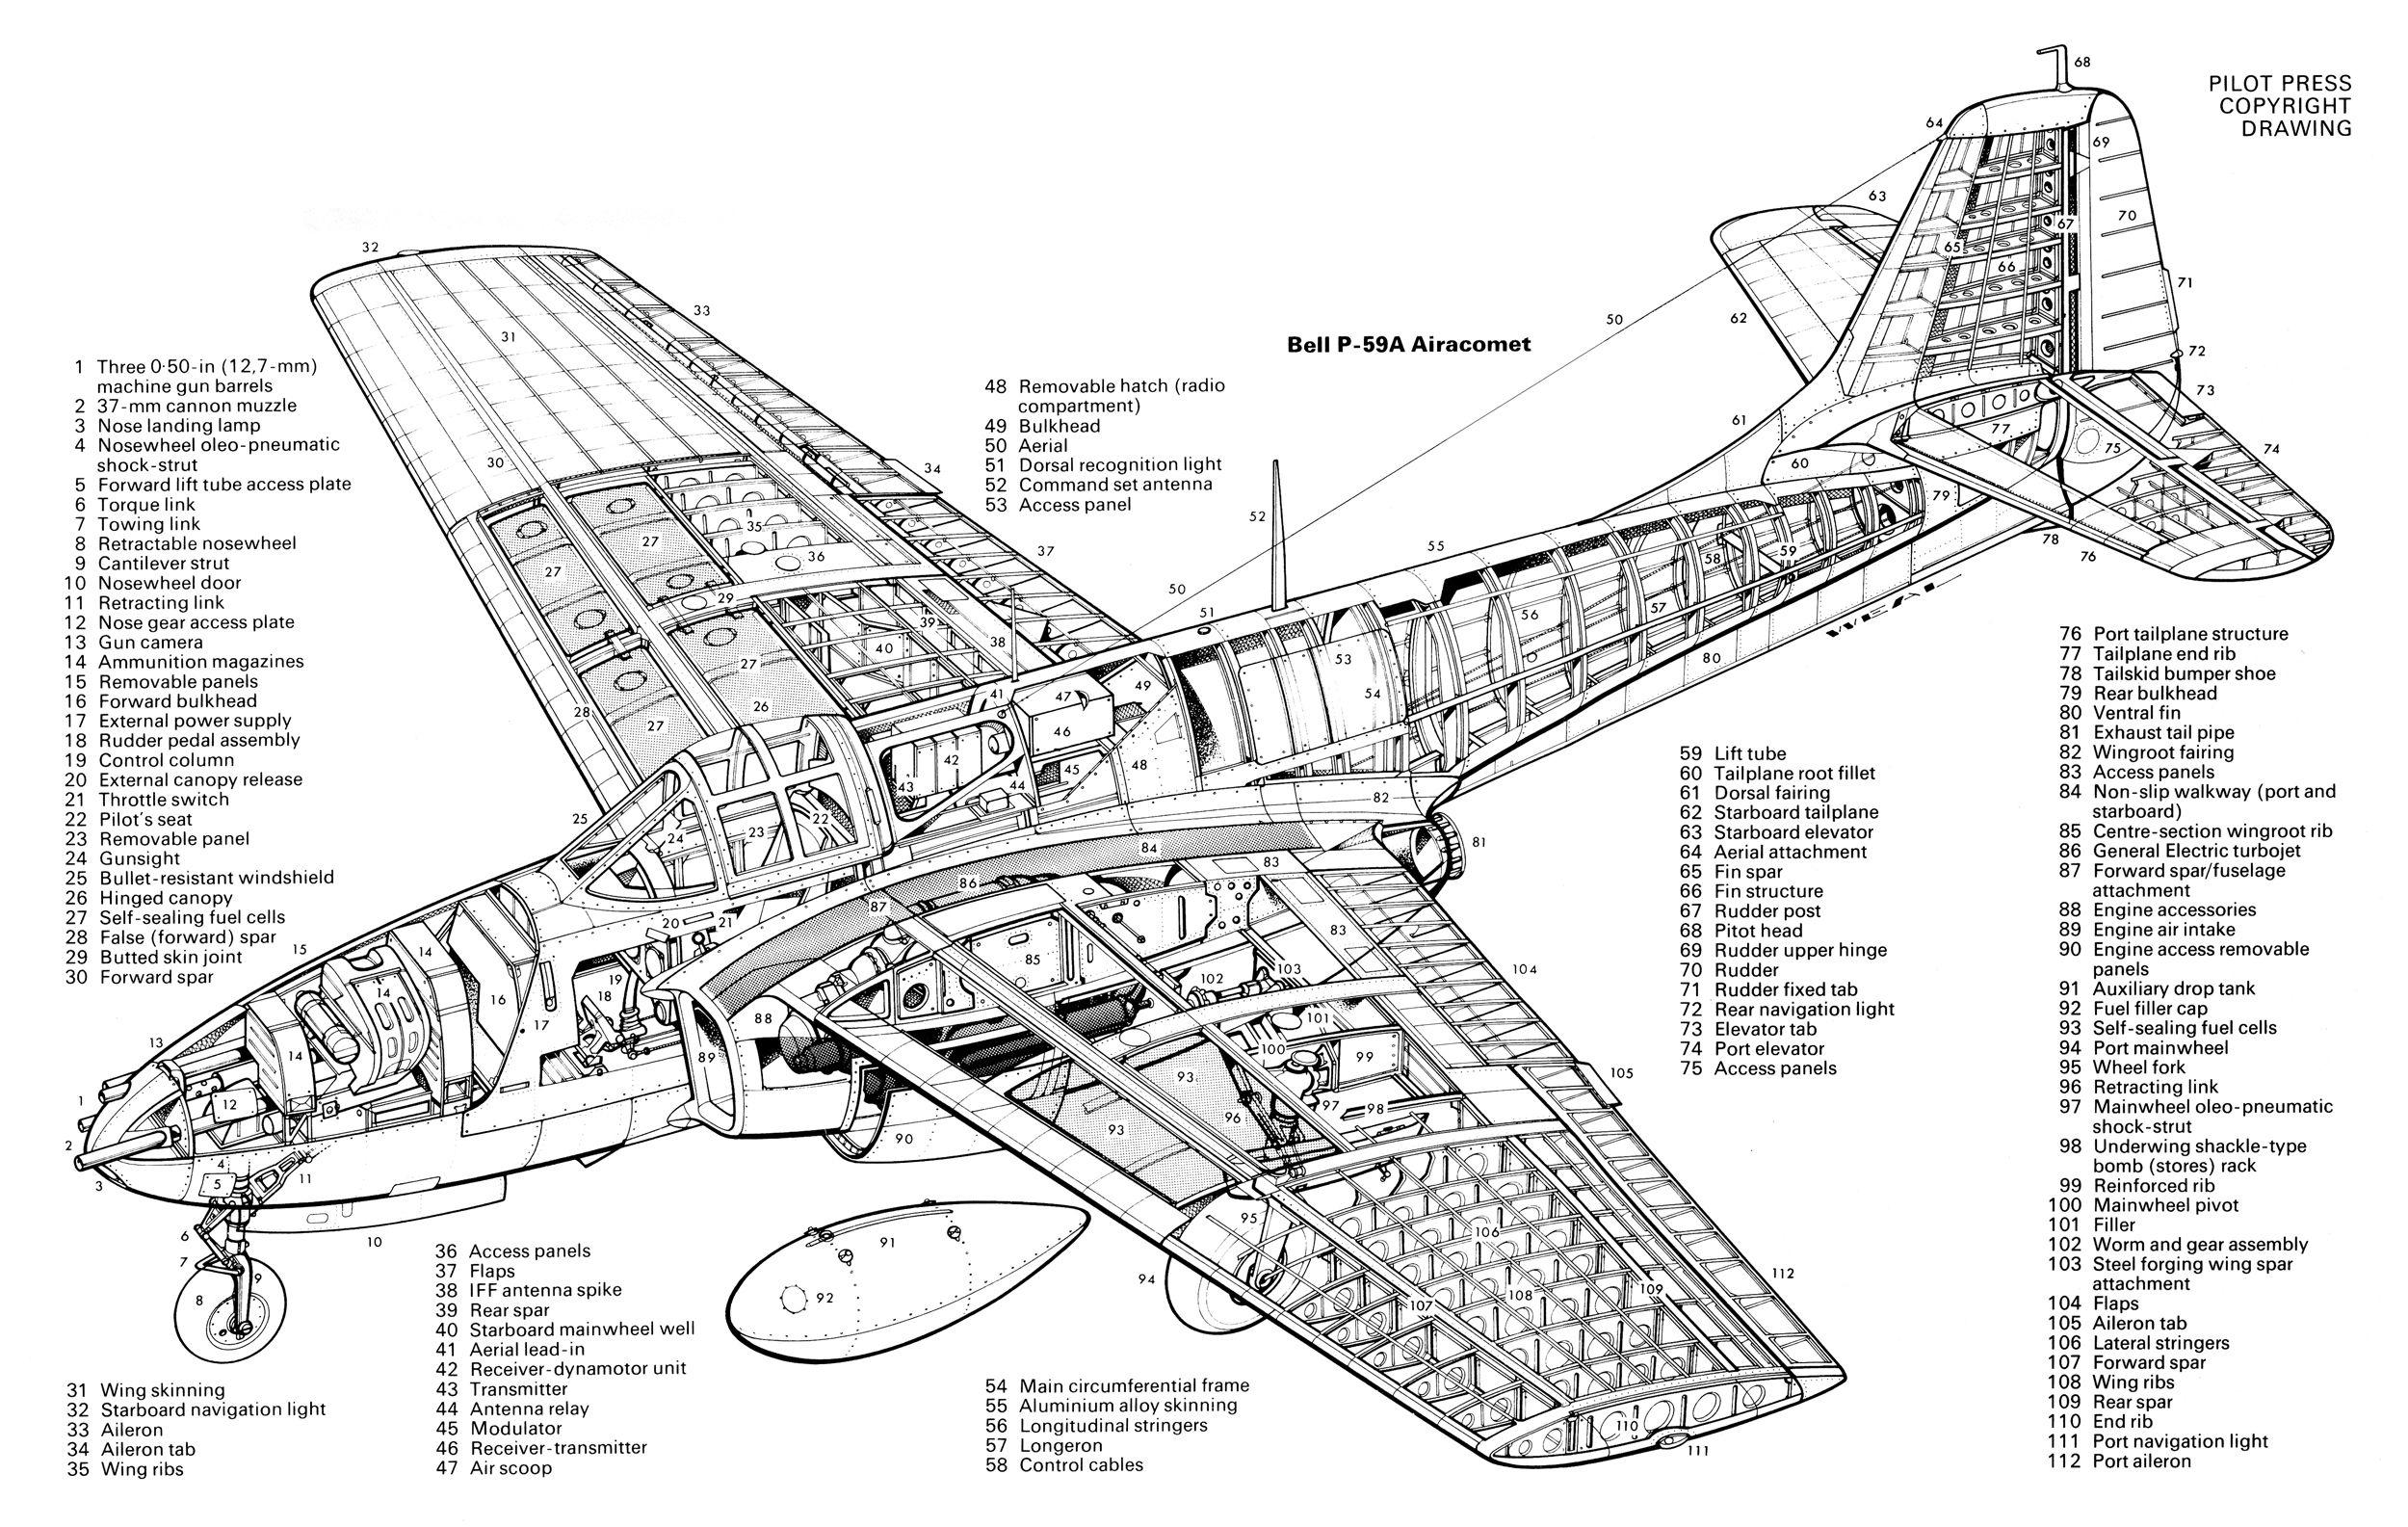 Aircraft Cutaway